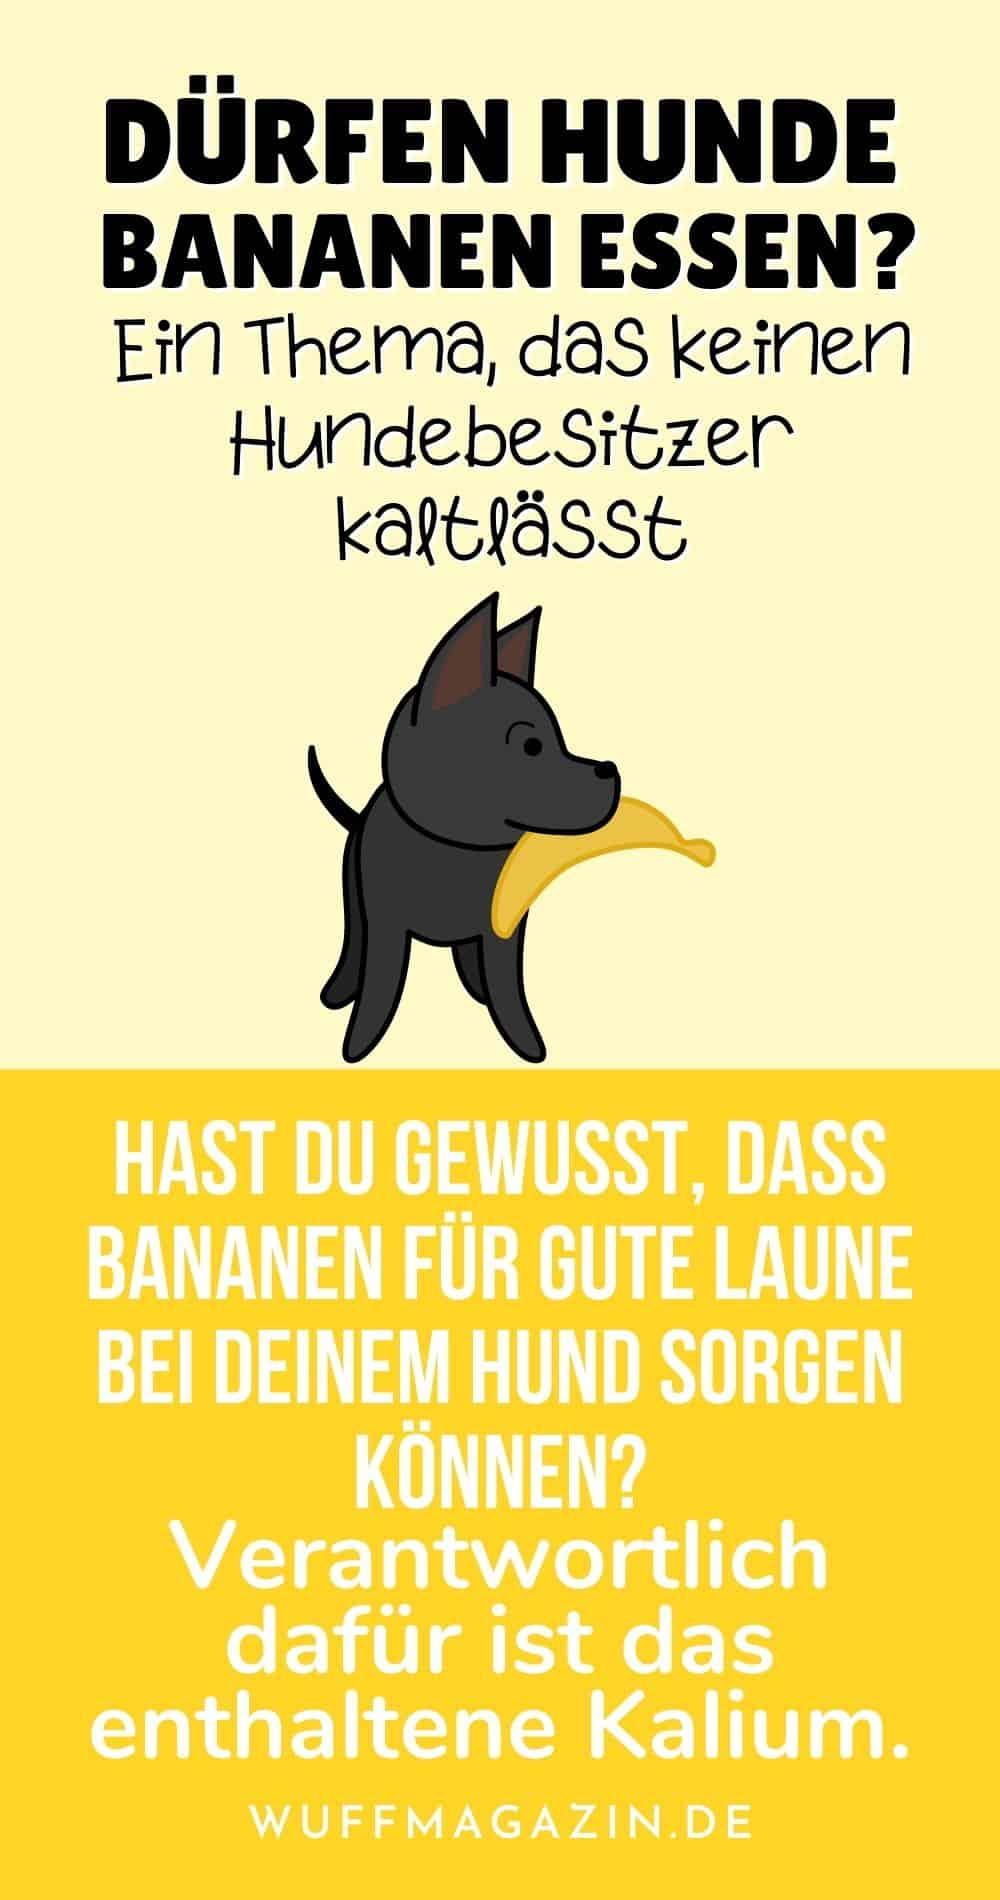 Dürfen Hunde Bananen essen Ein Thema, das keinen Hundebesitzer kaltlässt